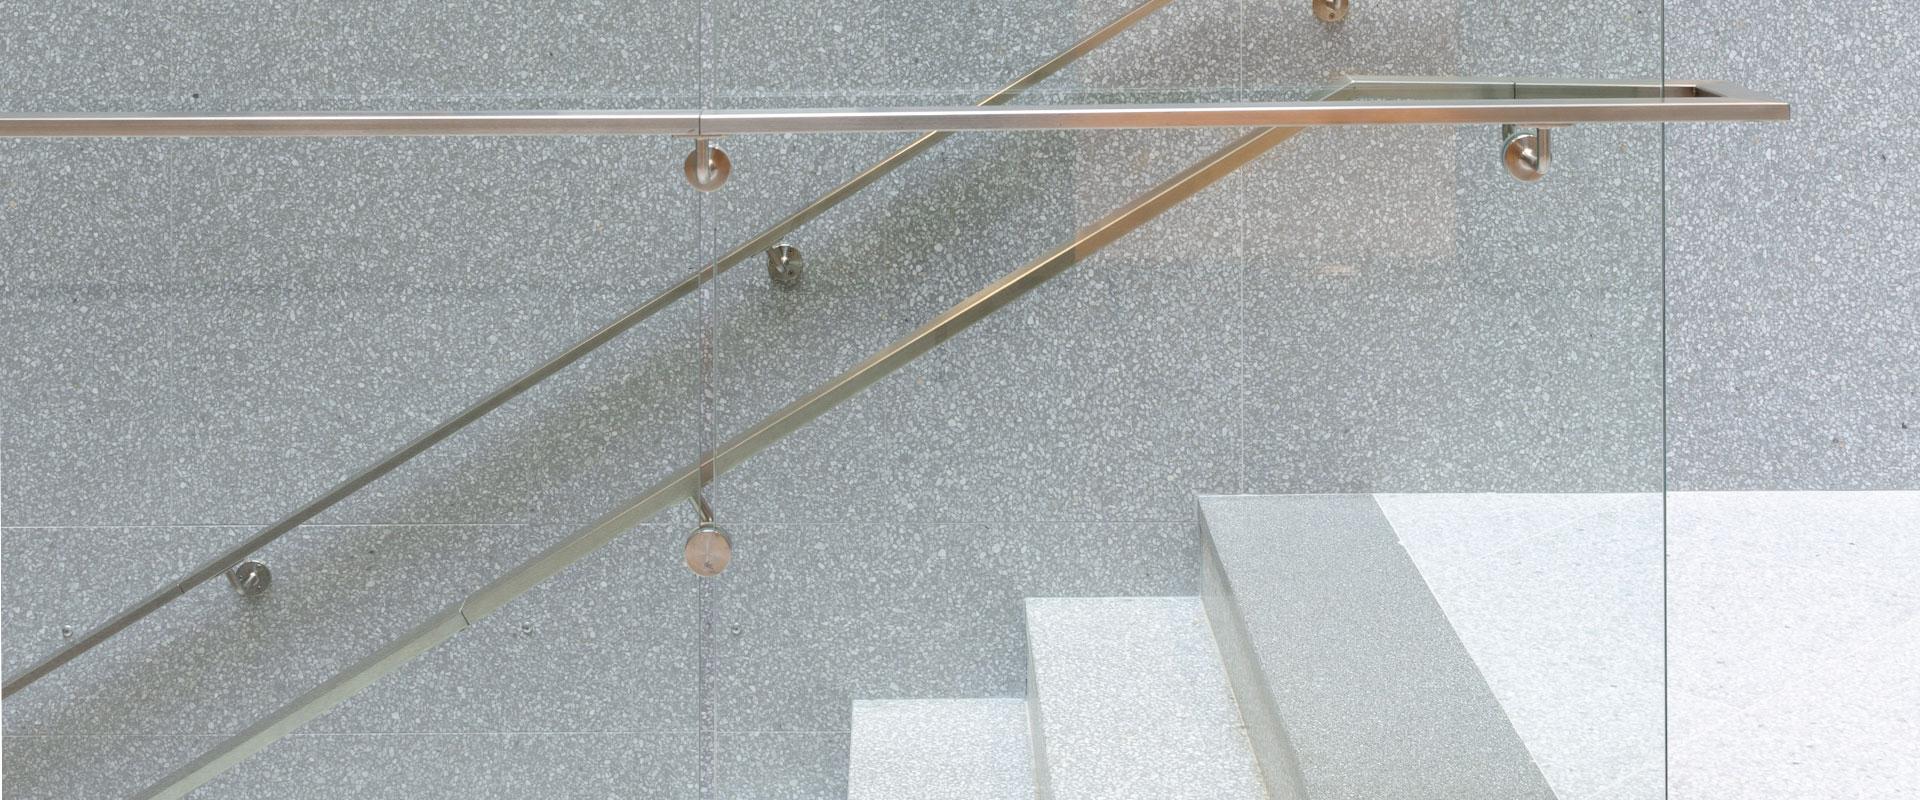 government-offices-kv-bjornen---stockholm-sweden---custom-REG-2289-custom-REG-3120---pubblico-04-OK